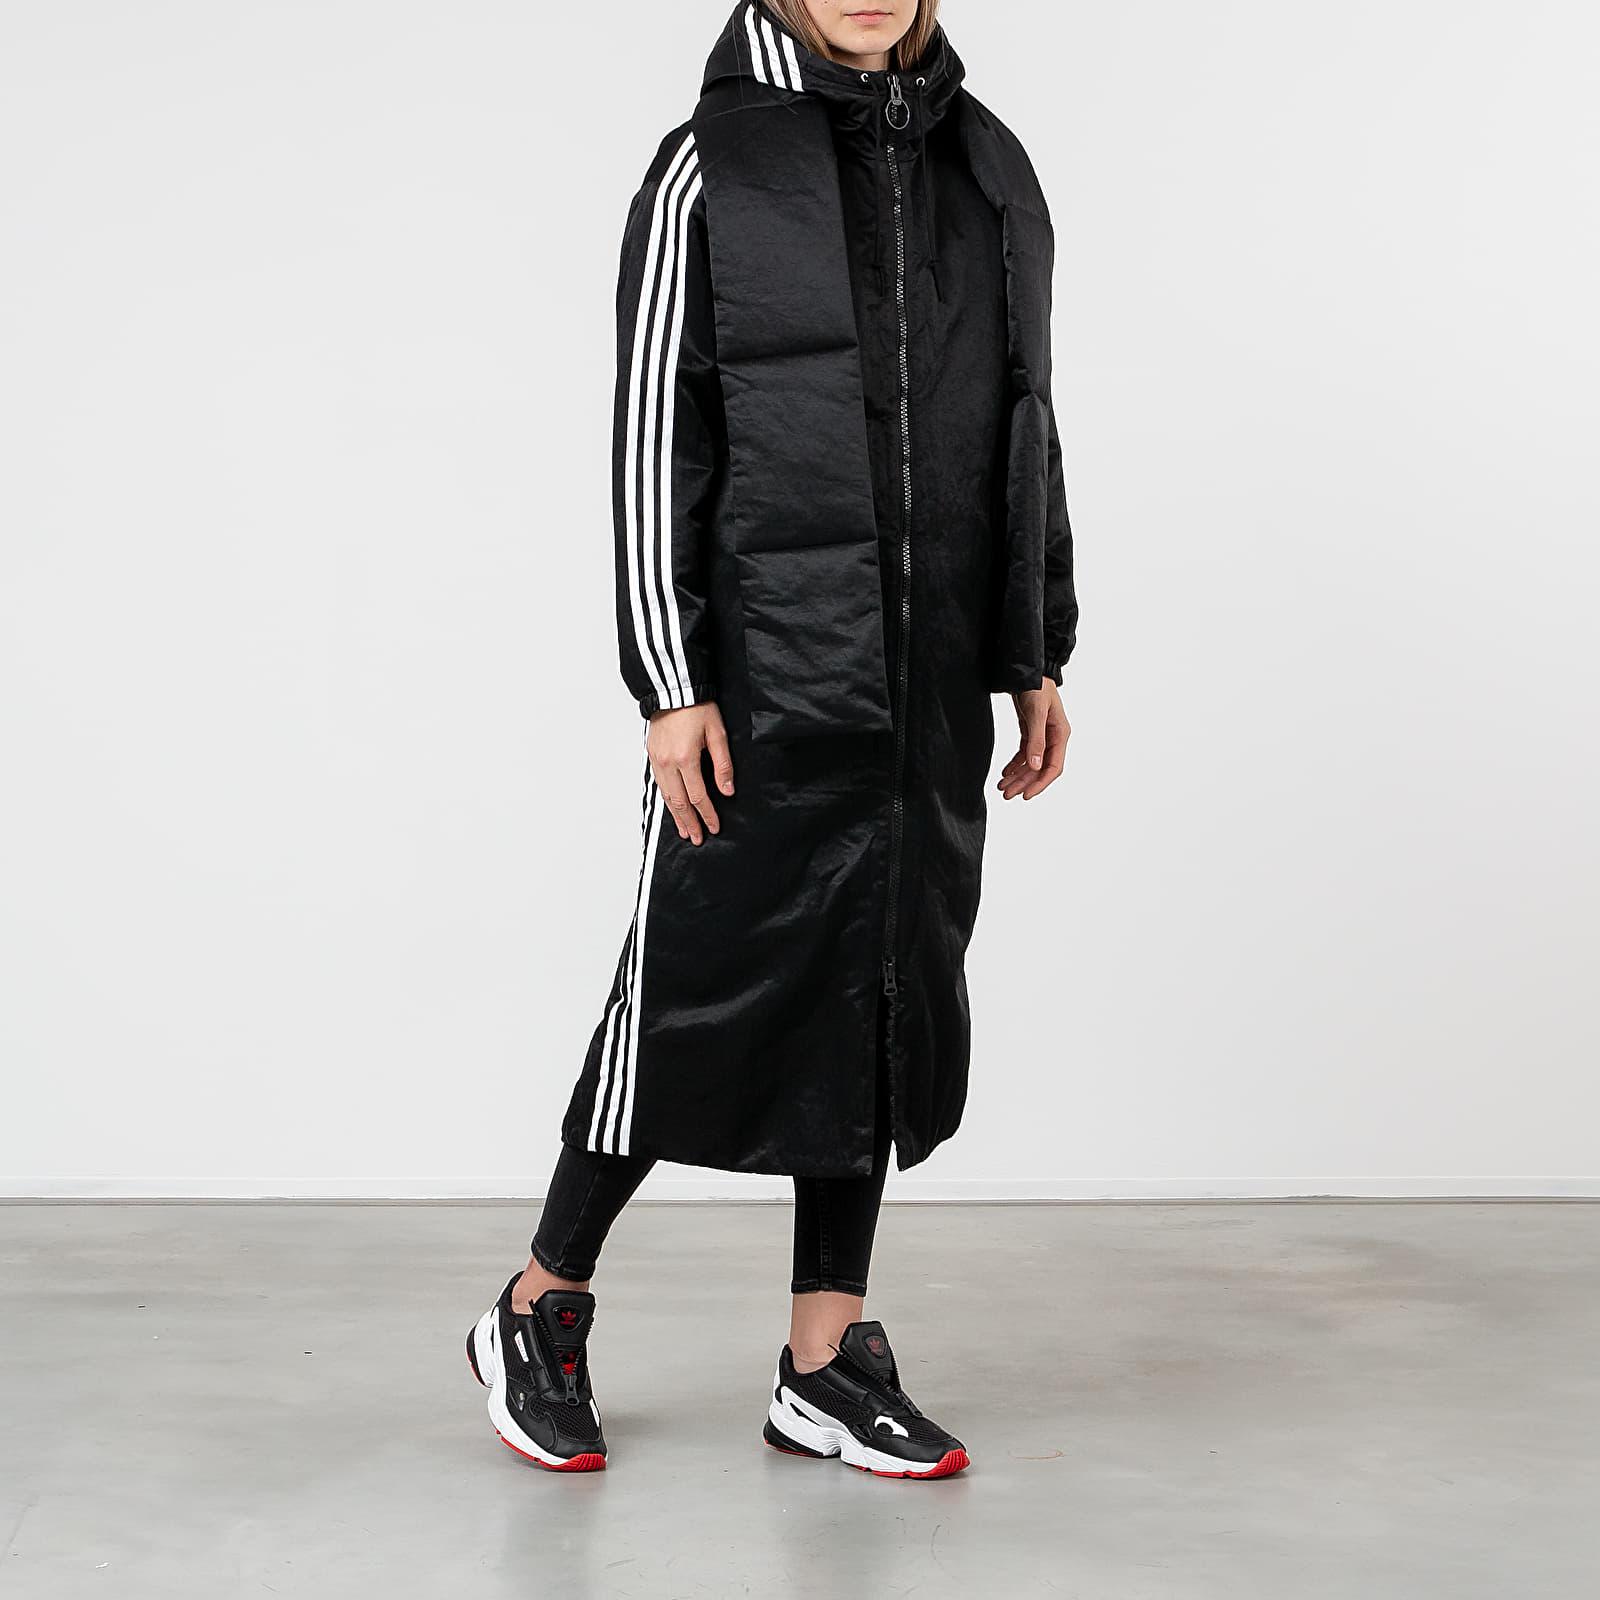 adidas Long Padded Jacket